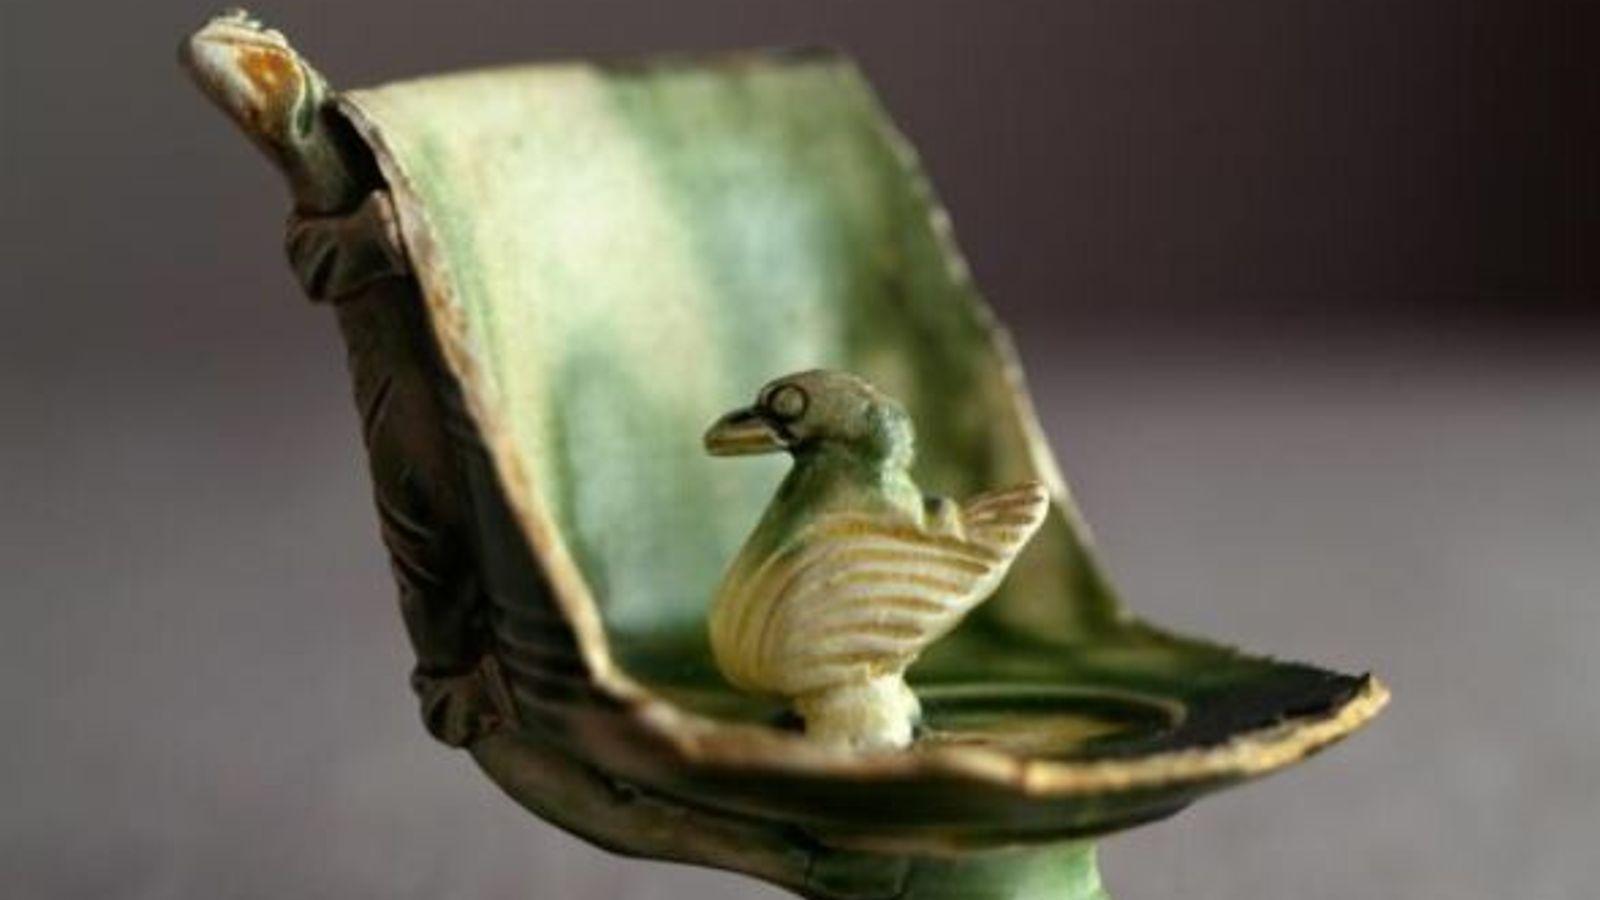 Un petit canard garde l'ouverture interne d'une paille façonnée dans une coupe de presque 9 centimètres de ...